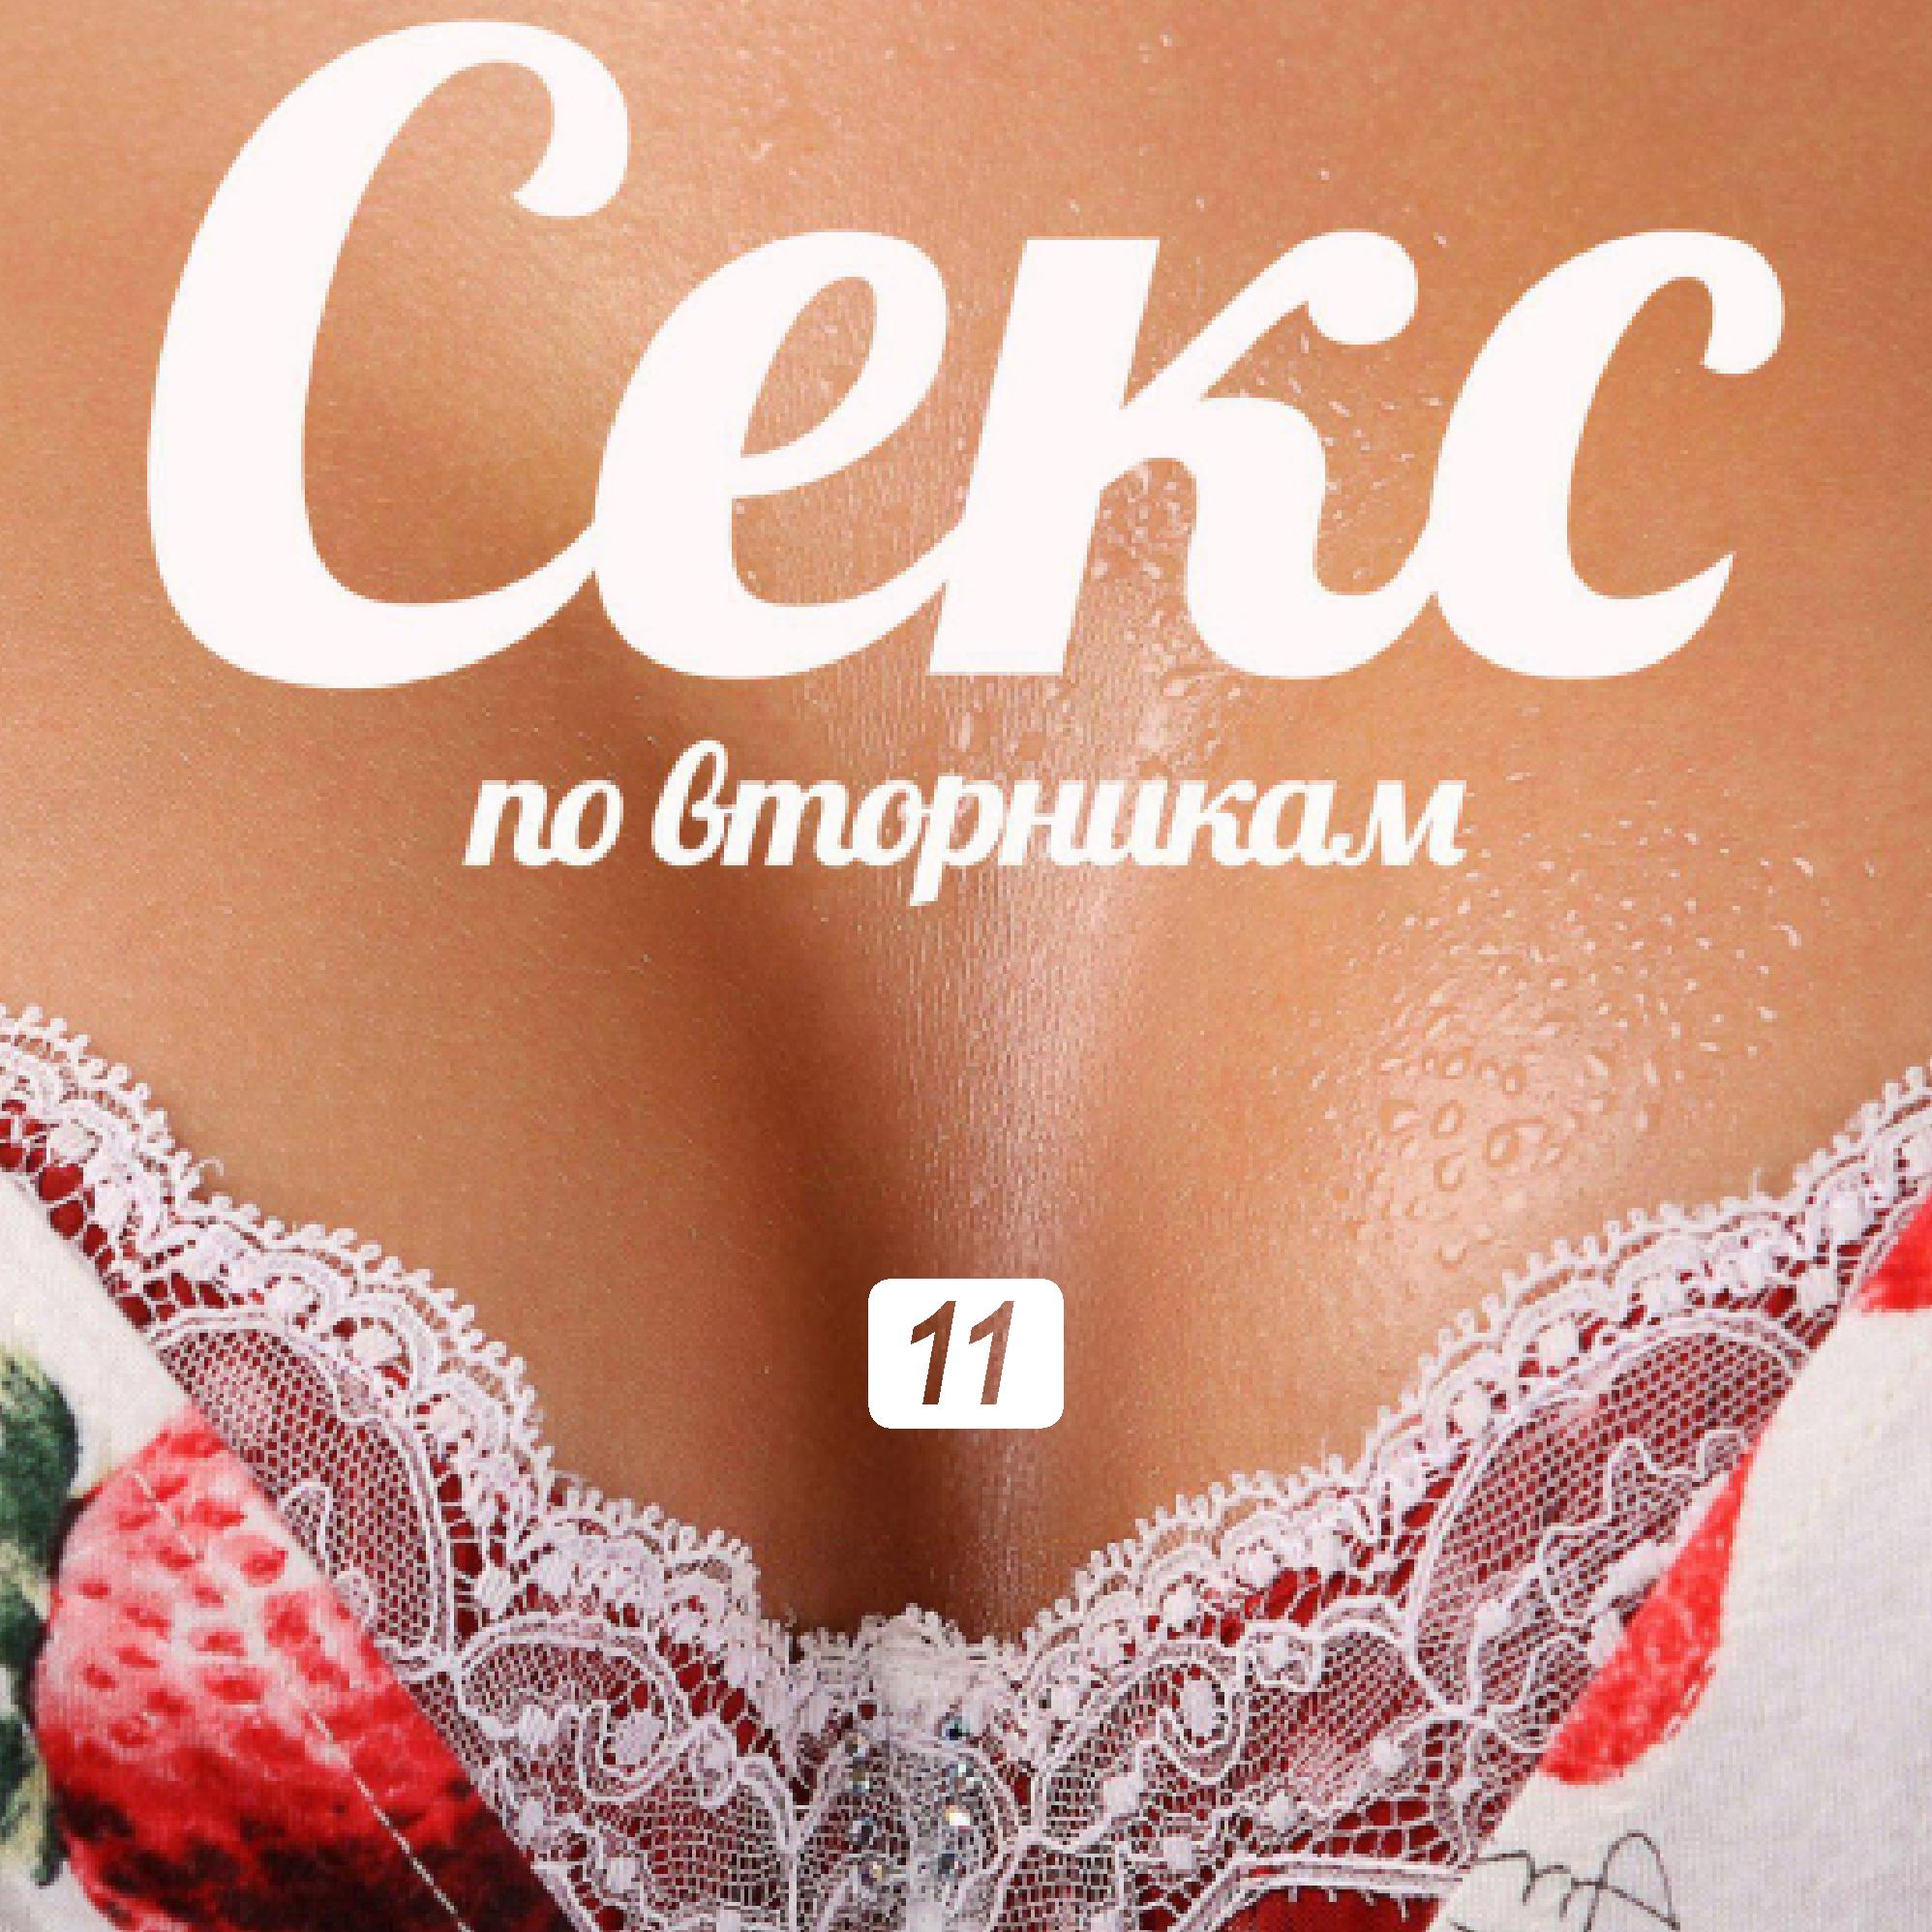 Ольга Маркина Нормы сексуальной жизни